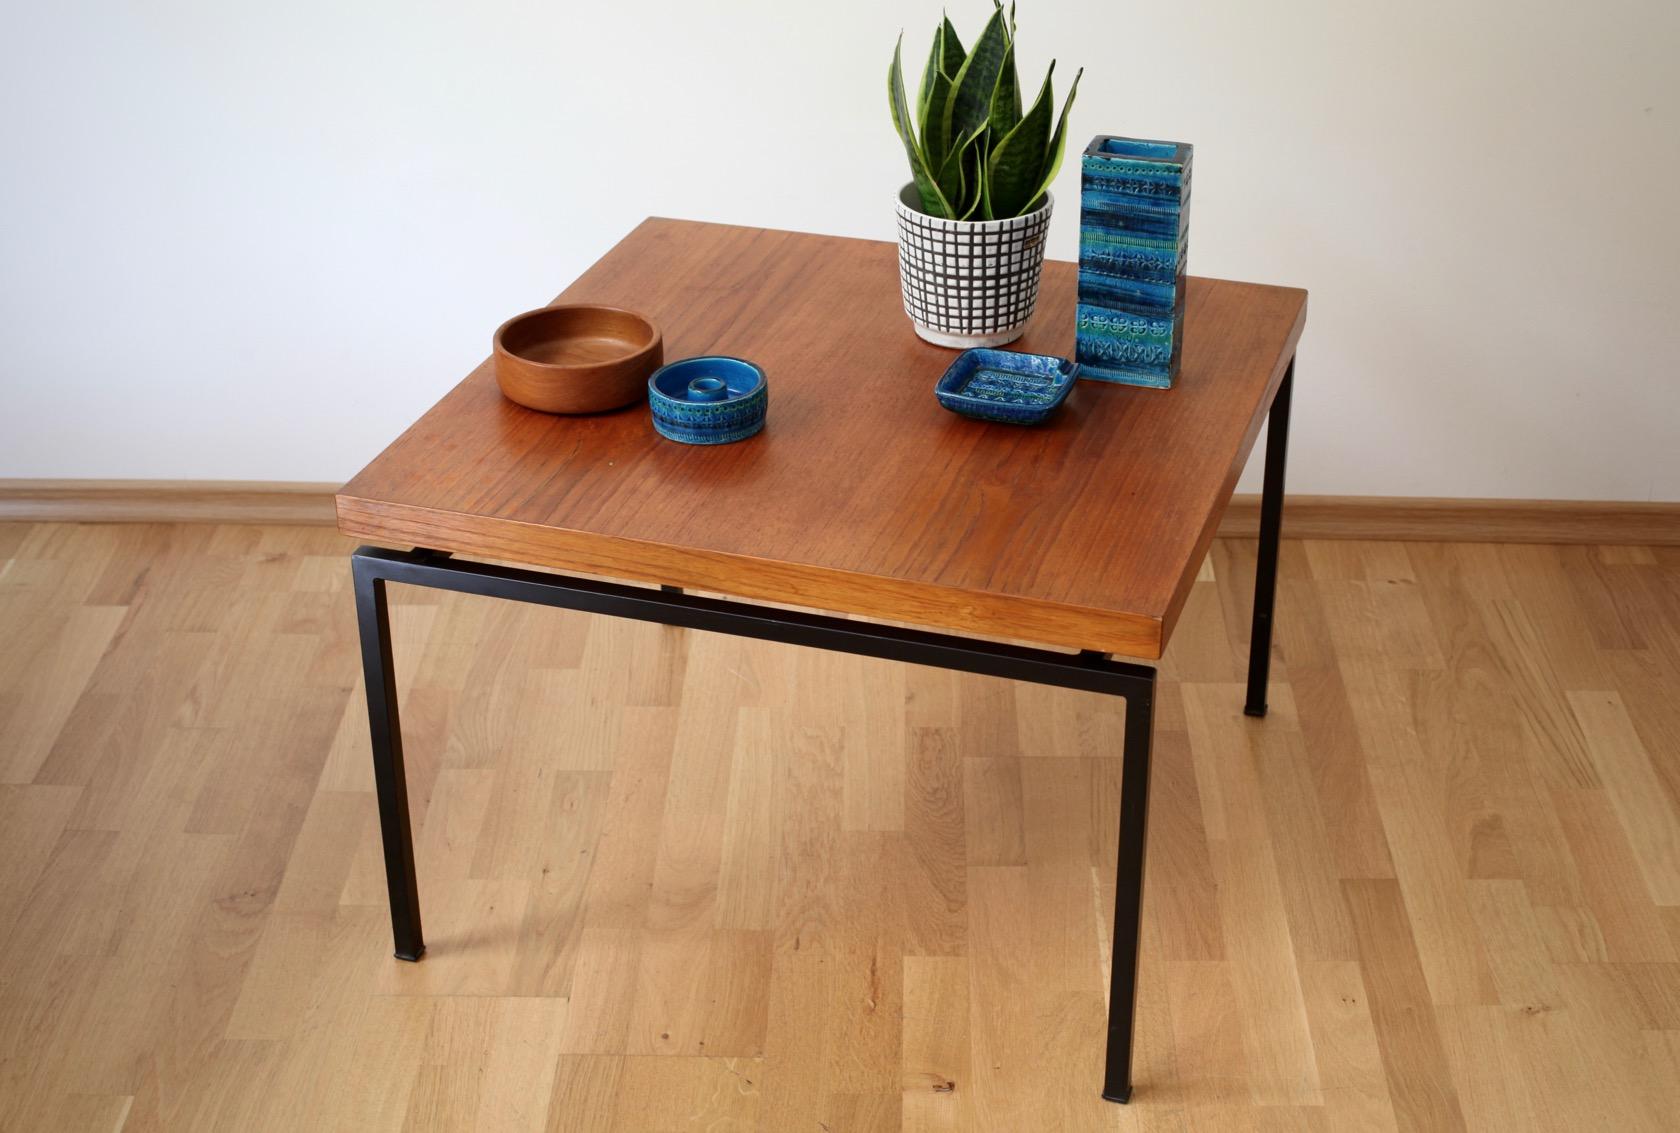 quadratischer beistelltisch aus den 60er jahren raumwunder vintage wohnen in n rnberg. Black Bedroom Furniture Sets. Home Design Ideas